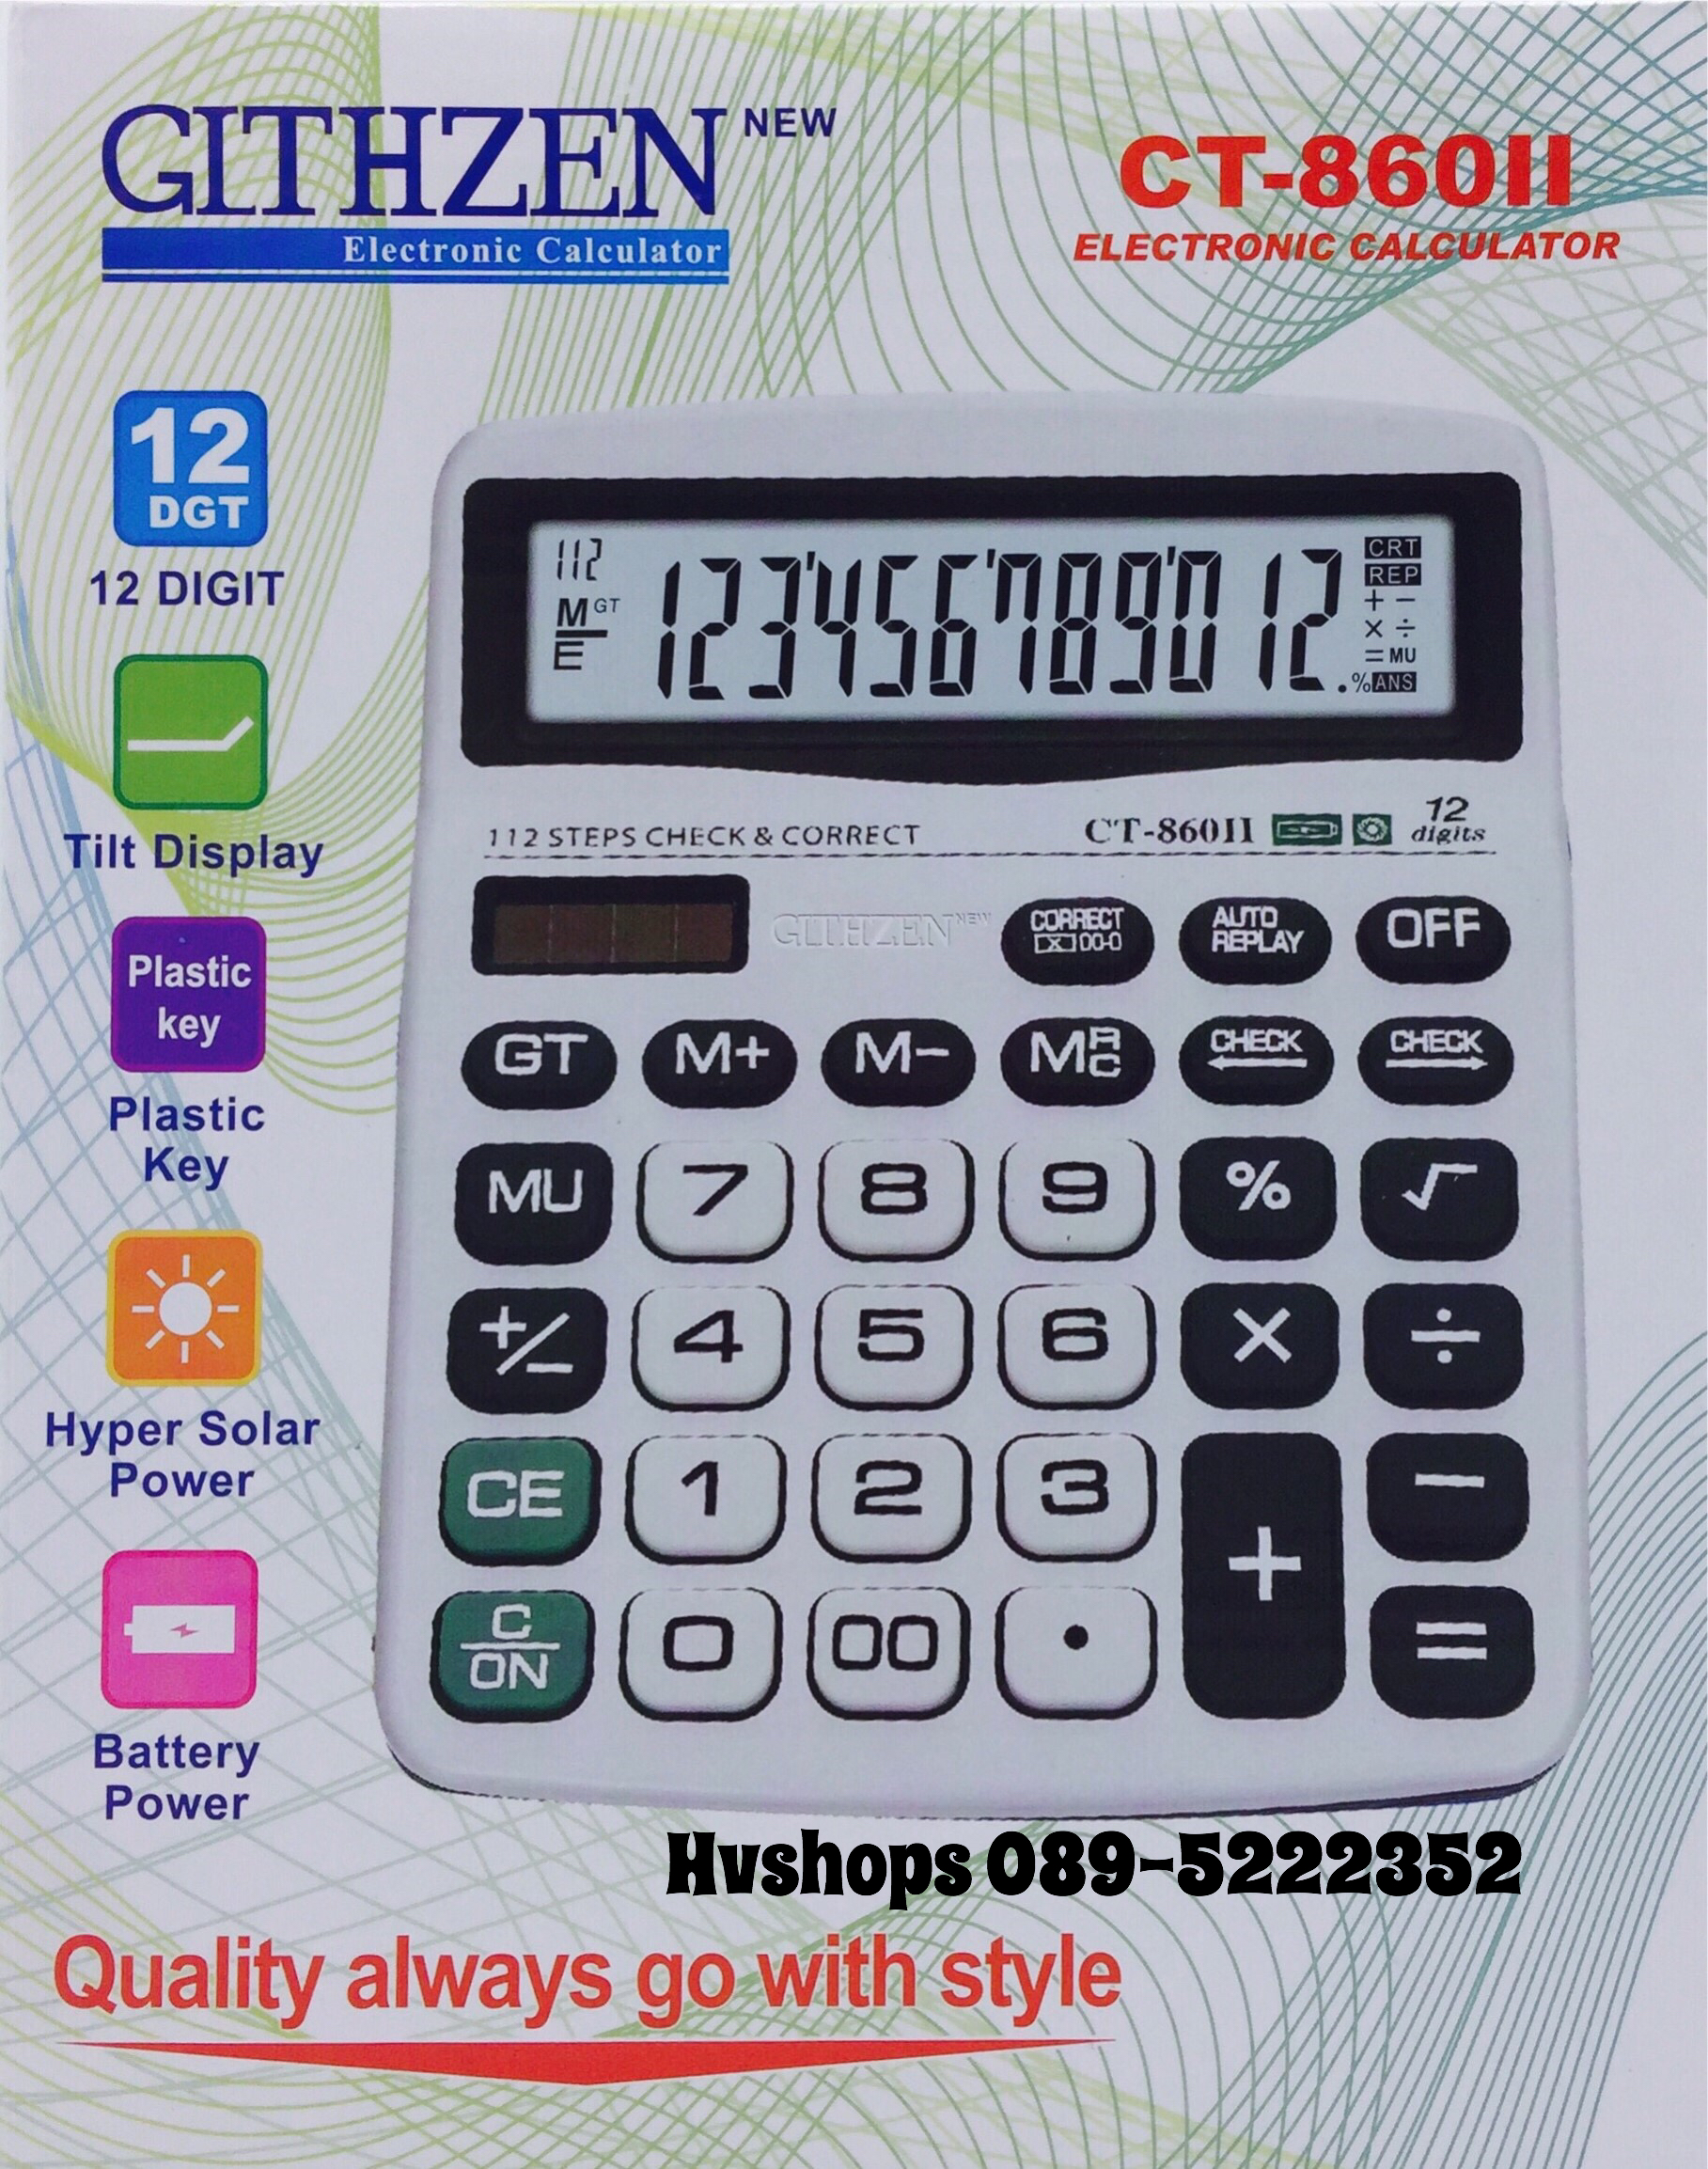 เครื่องคิดเลขจีน GLTHZEN รุ่น CT-8600II